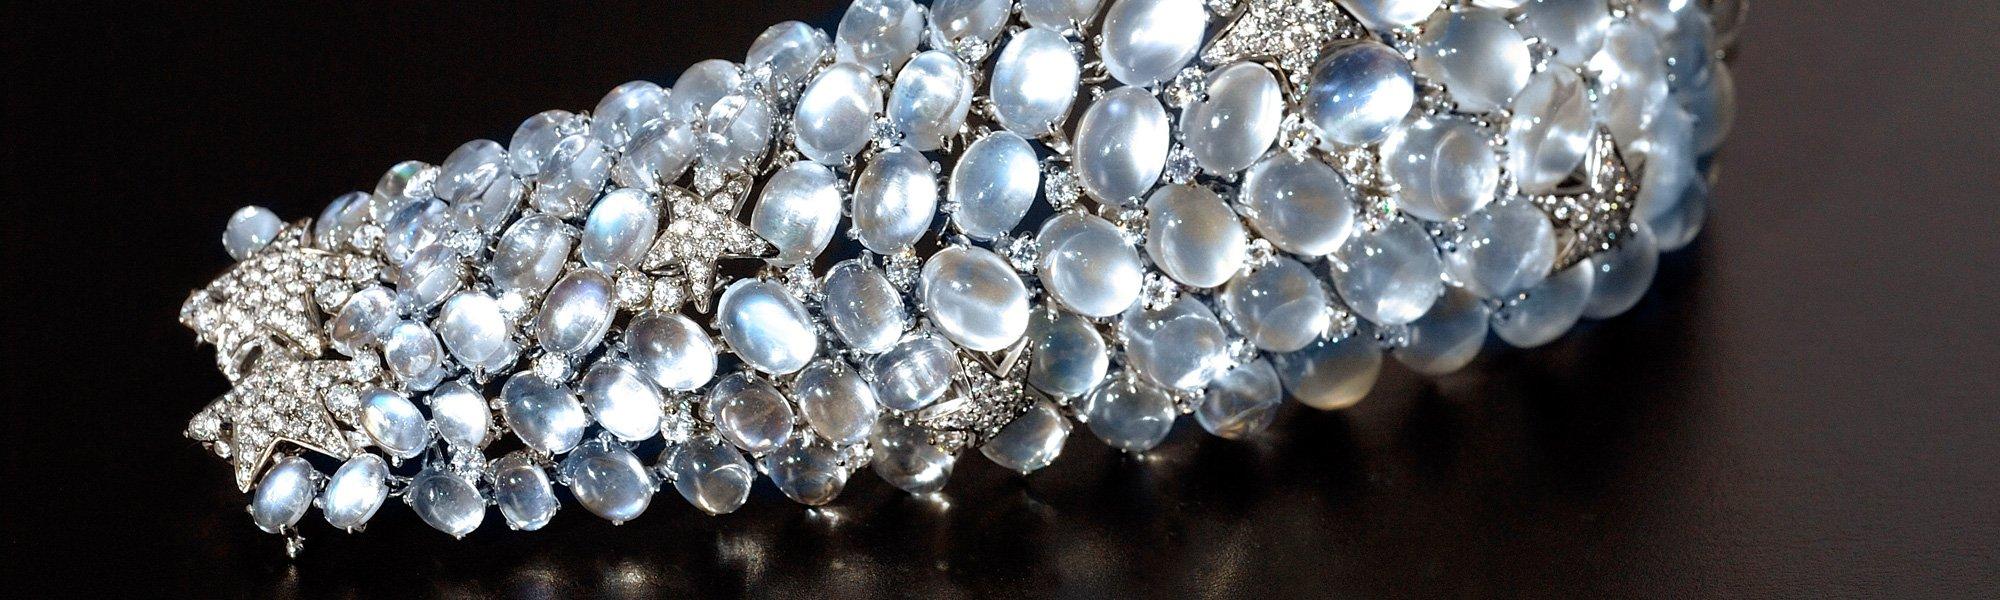 Moonstone and diamond bracelet in 18K white gold